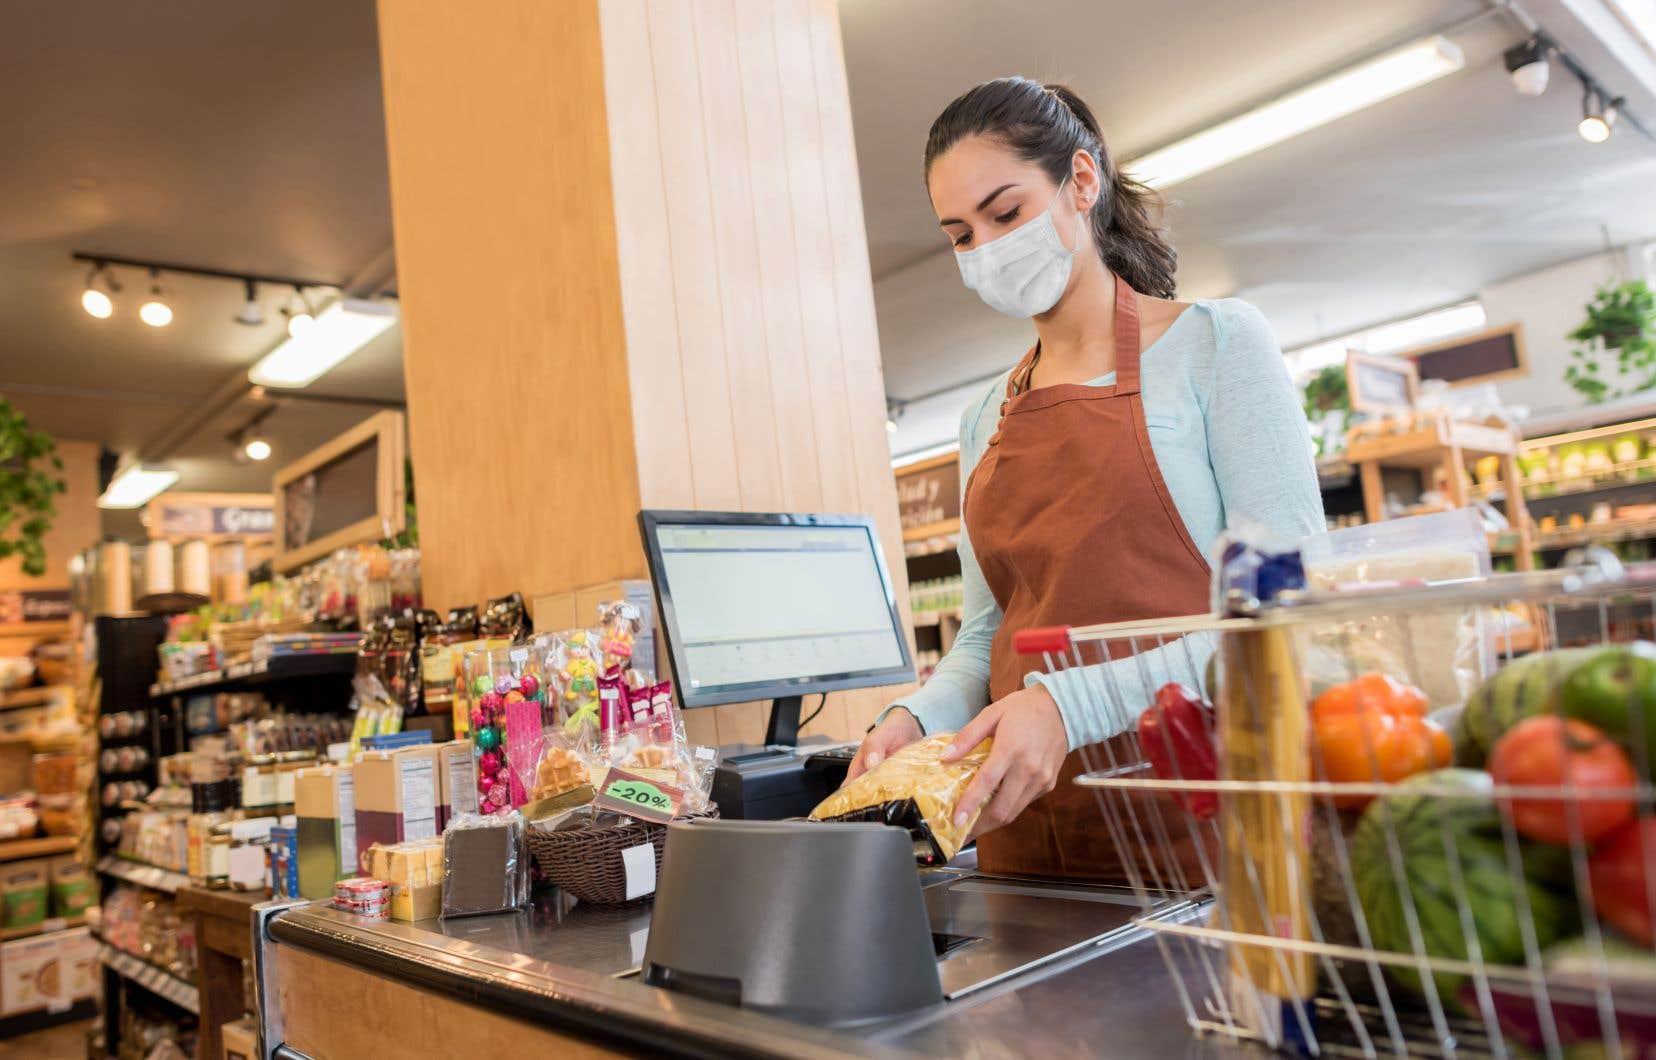 Beaucoup d'employés dans des commerces jugés essentiels, comme les supermarchés, reçoivent le salaire minimum.